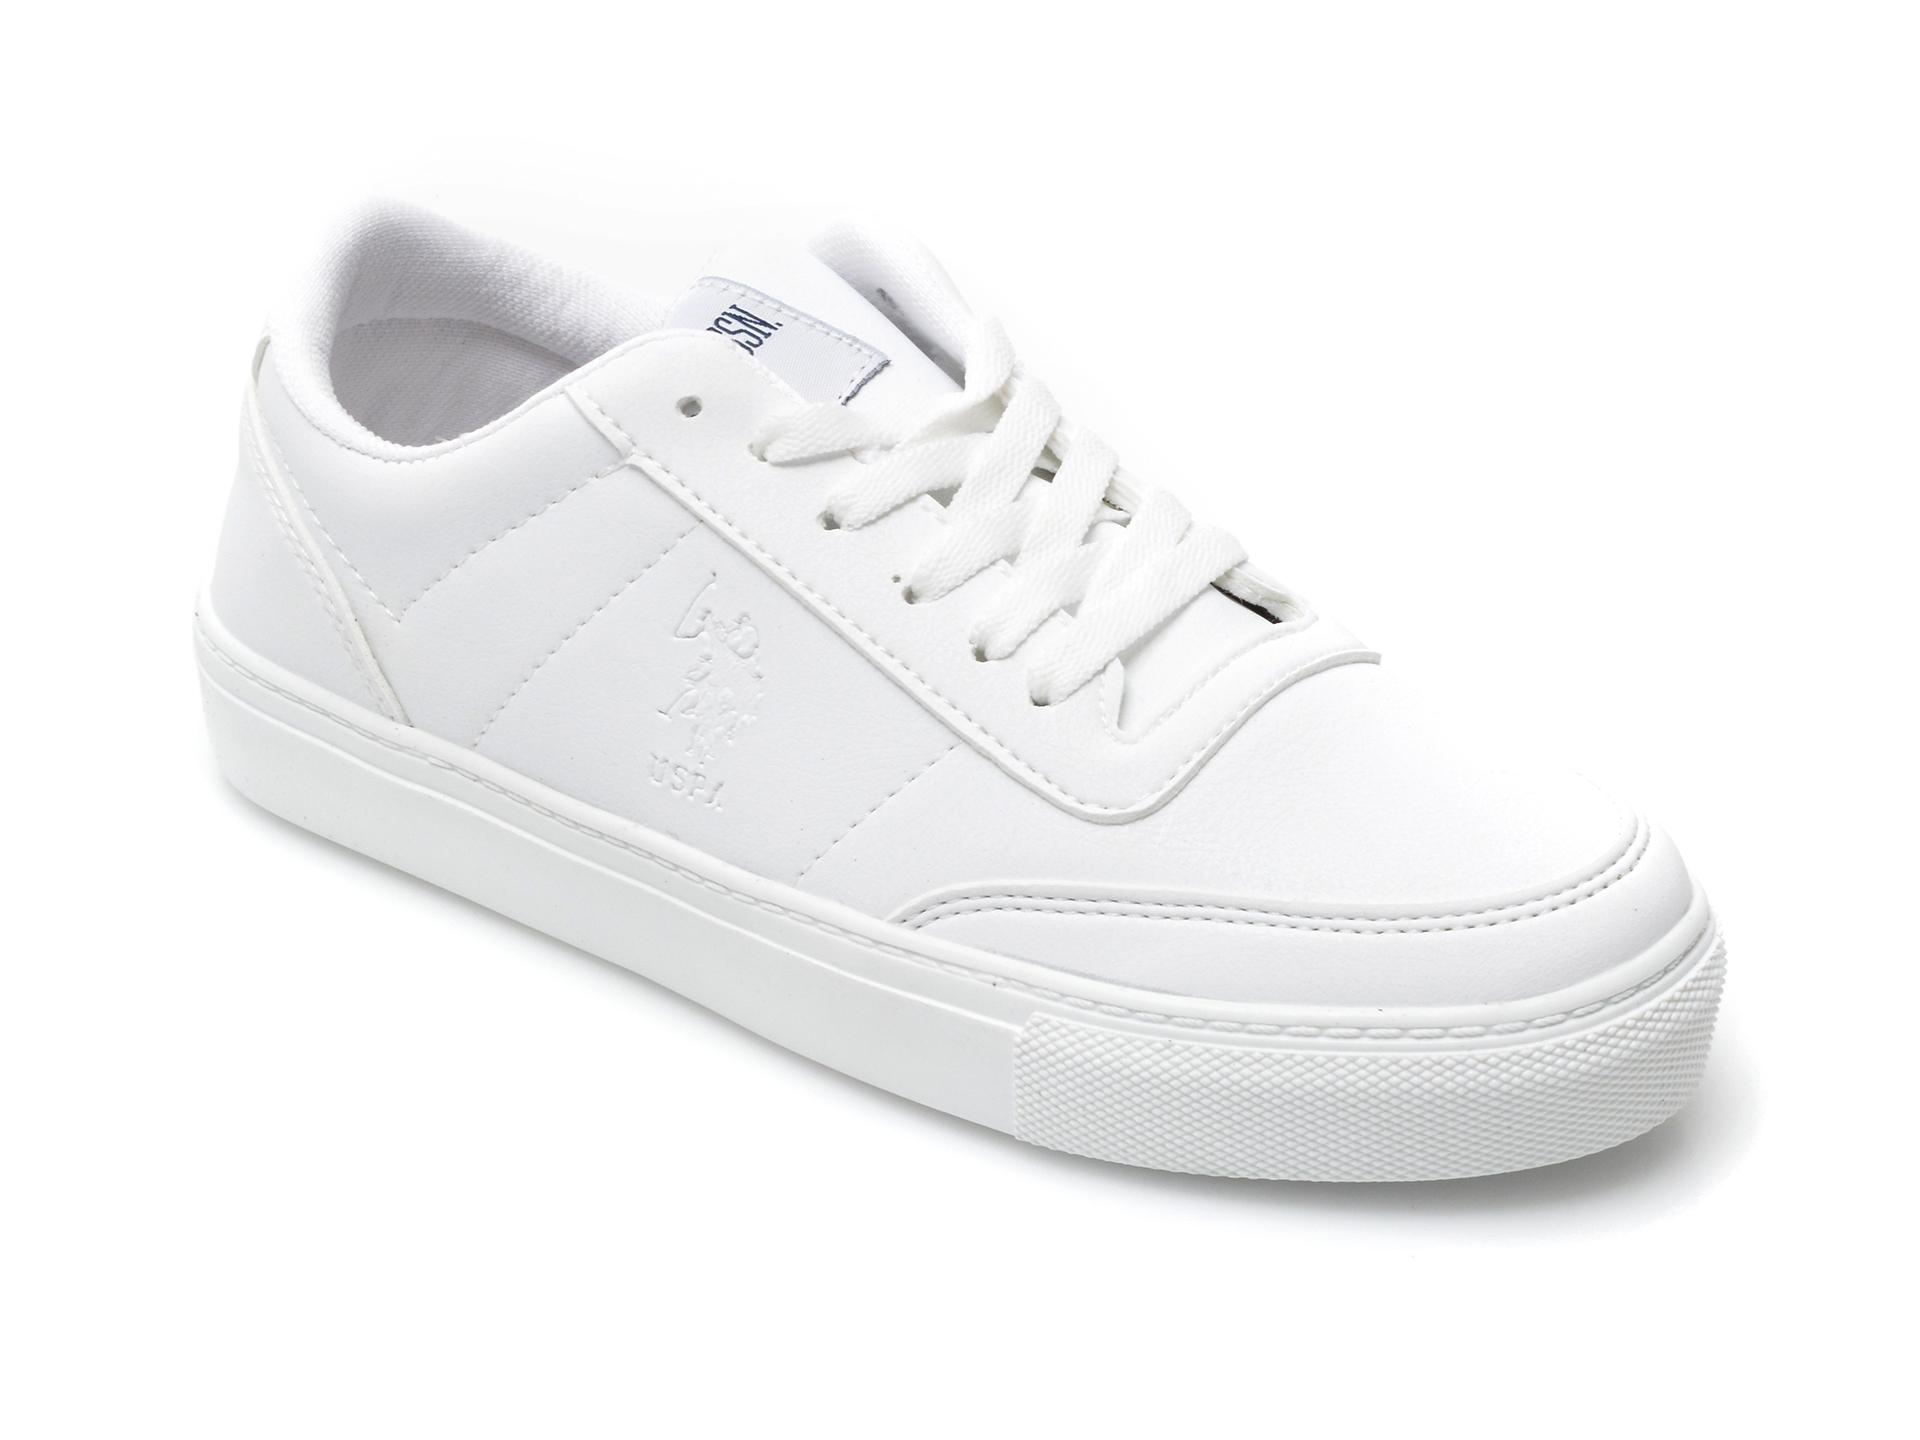 Pantofi sport US POLO ASSN albi, TIG9P1F, din piele ecologica